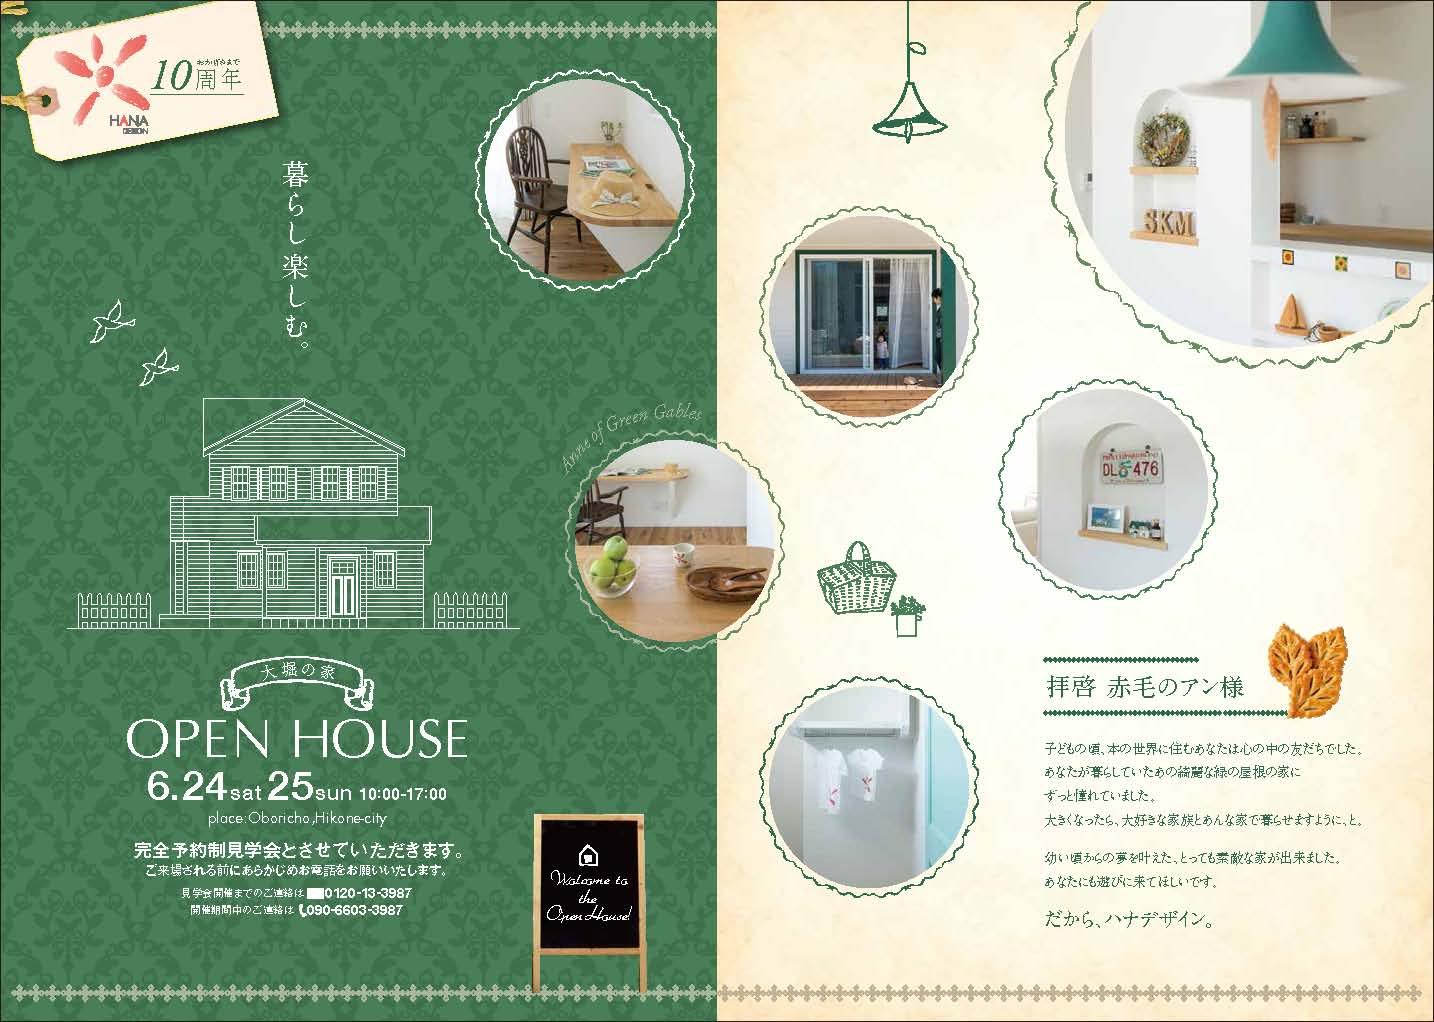 ハナデザインさま_大堀の家チラシ_ページ_1